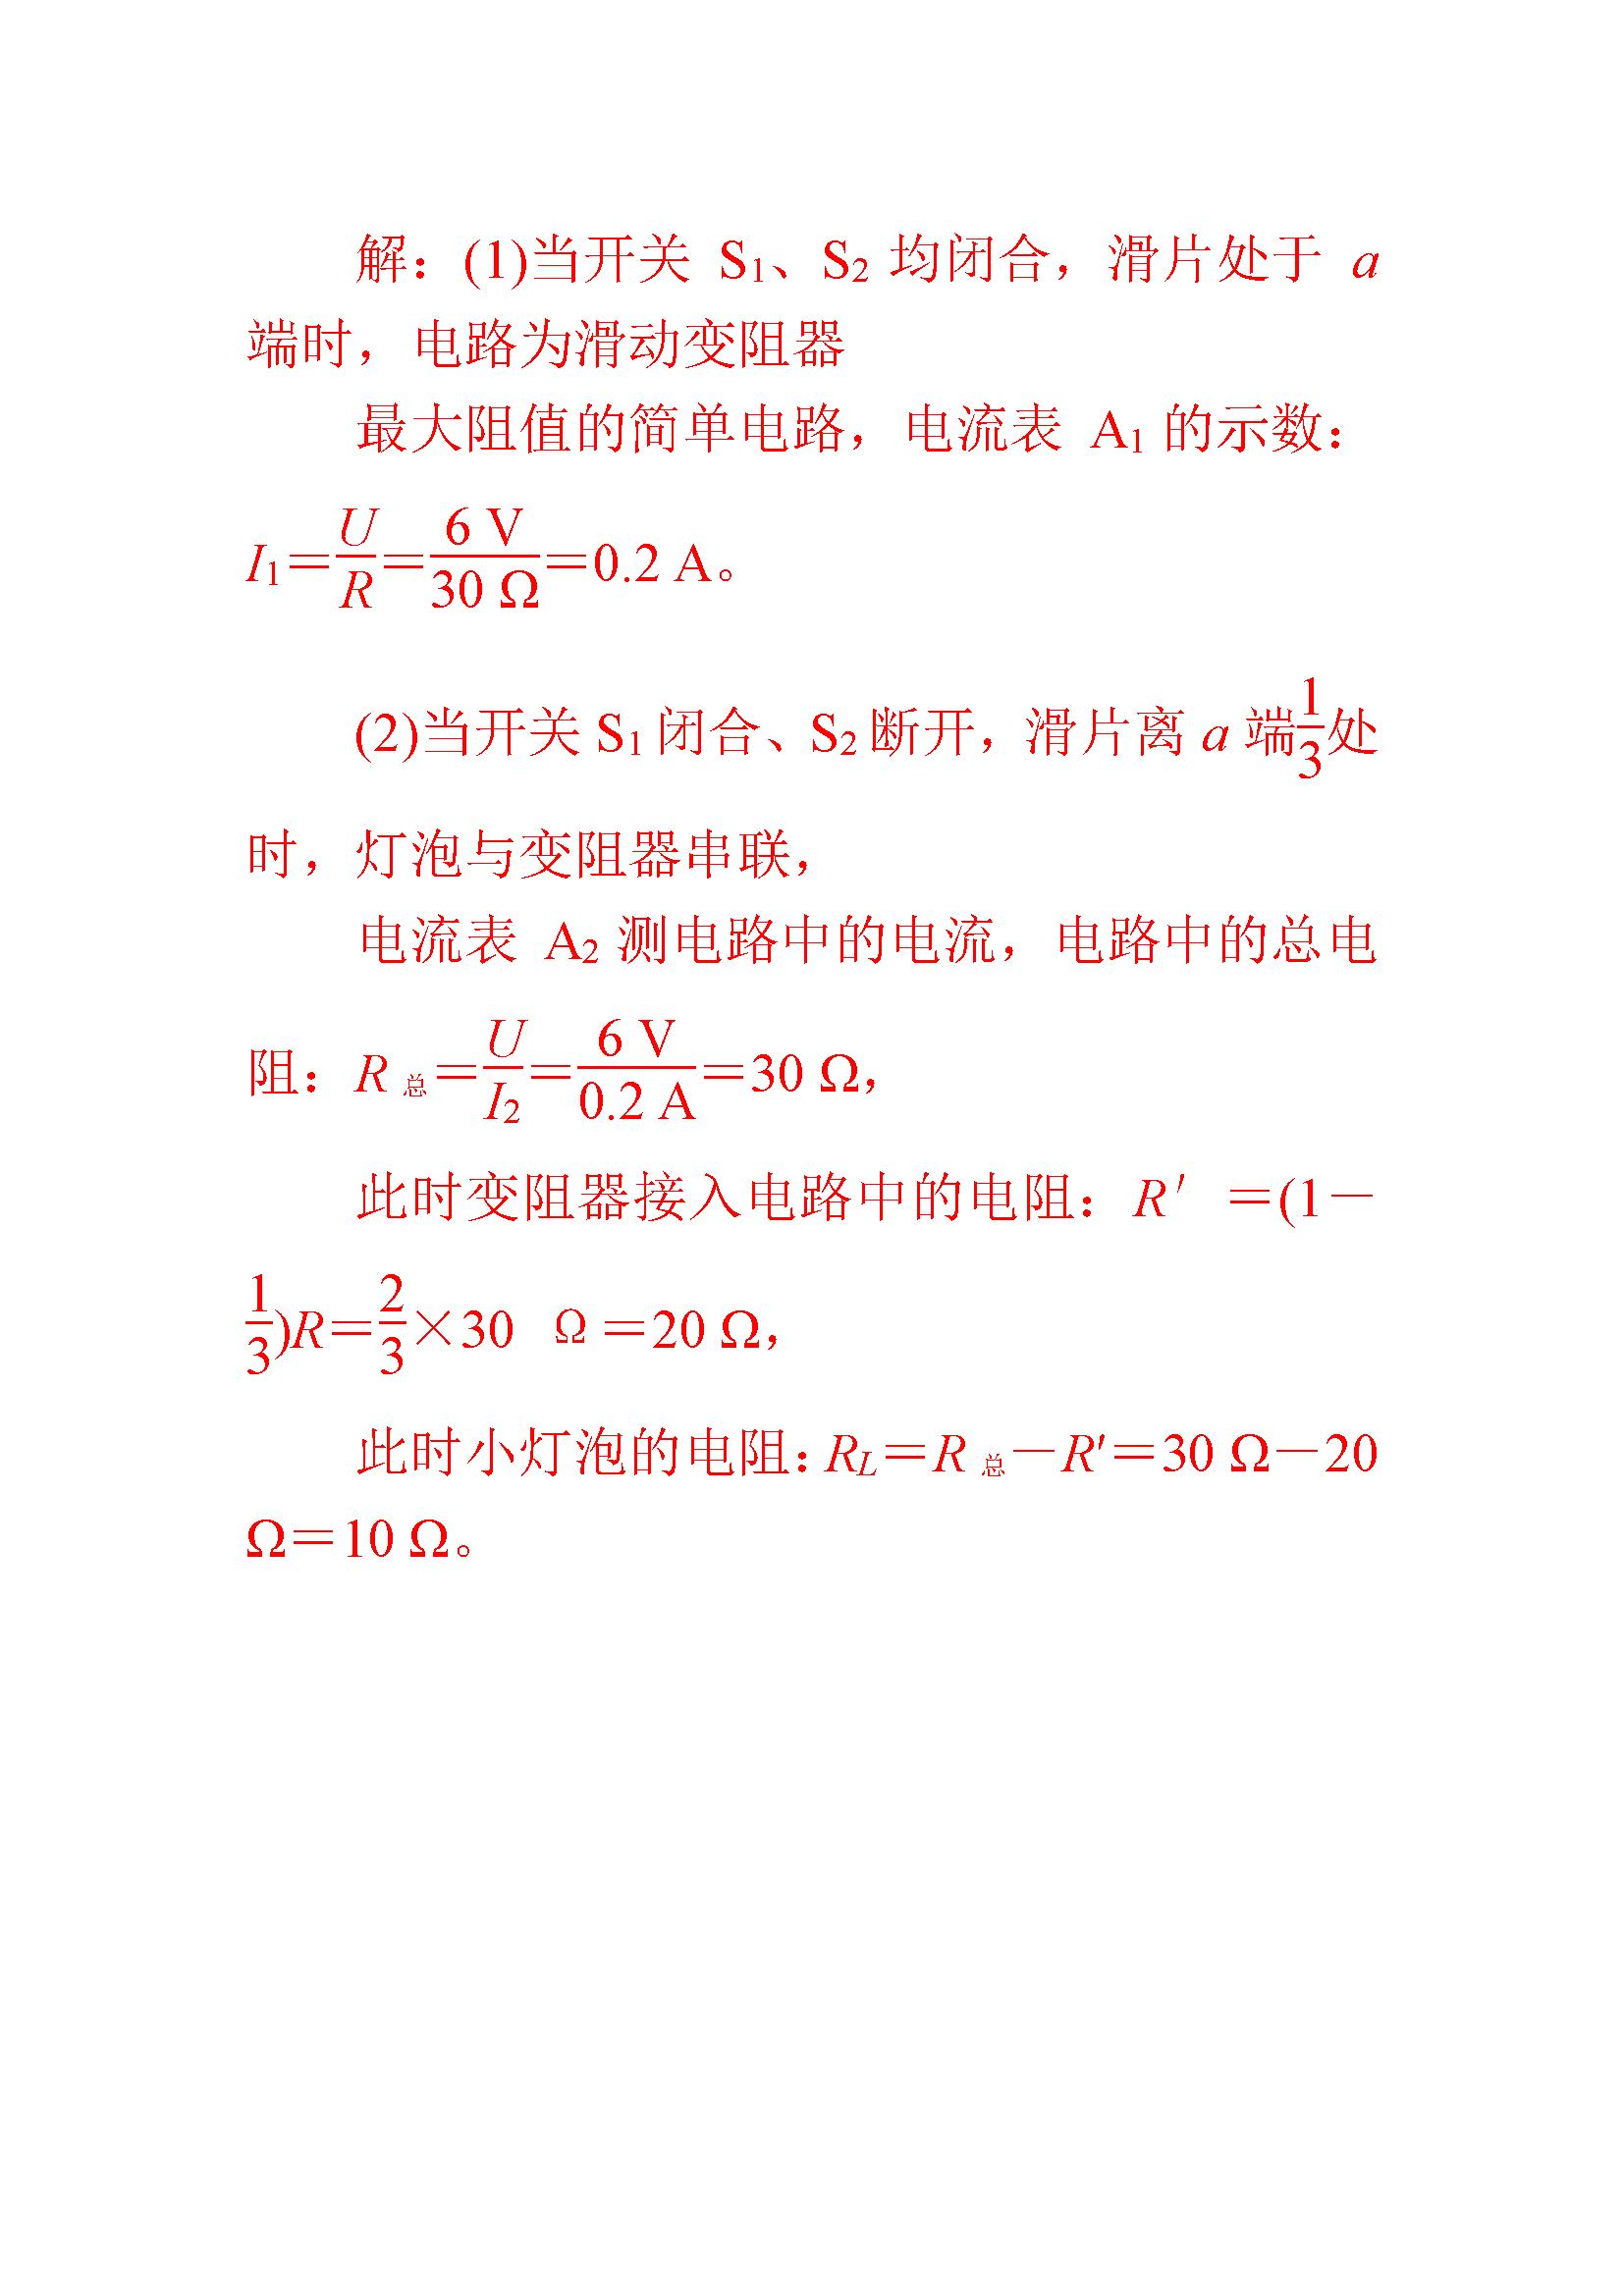 2018中考物理电学综合计算压轴题练习(二)答案(Word版)